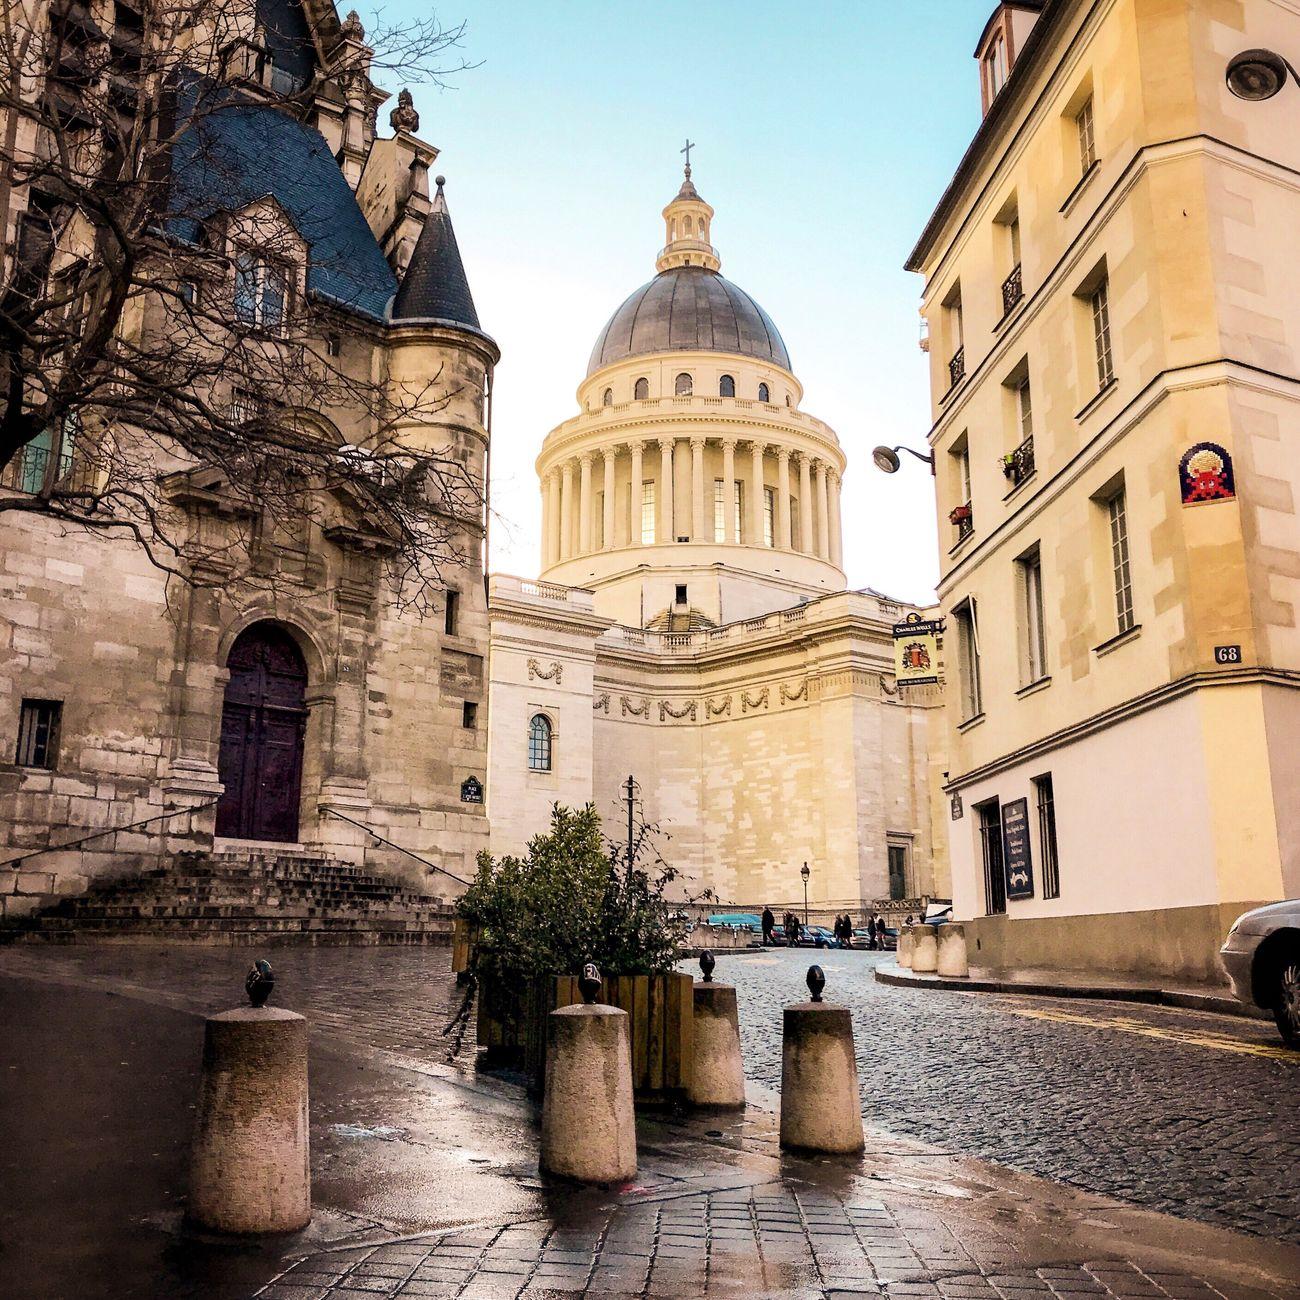 Happy Friday! Bonjour Paris Architecture Dome Religion City Travel Destinations Parisweloveyou Paris EyeEm Best Shots Photooftheday Eyem Best Shot - Architecture Clear Sky Paris ❤